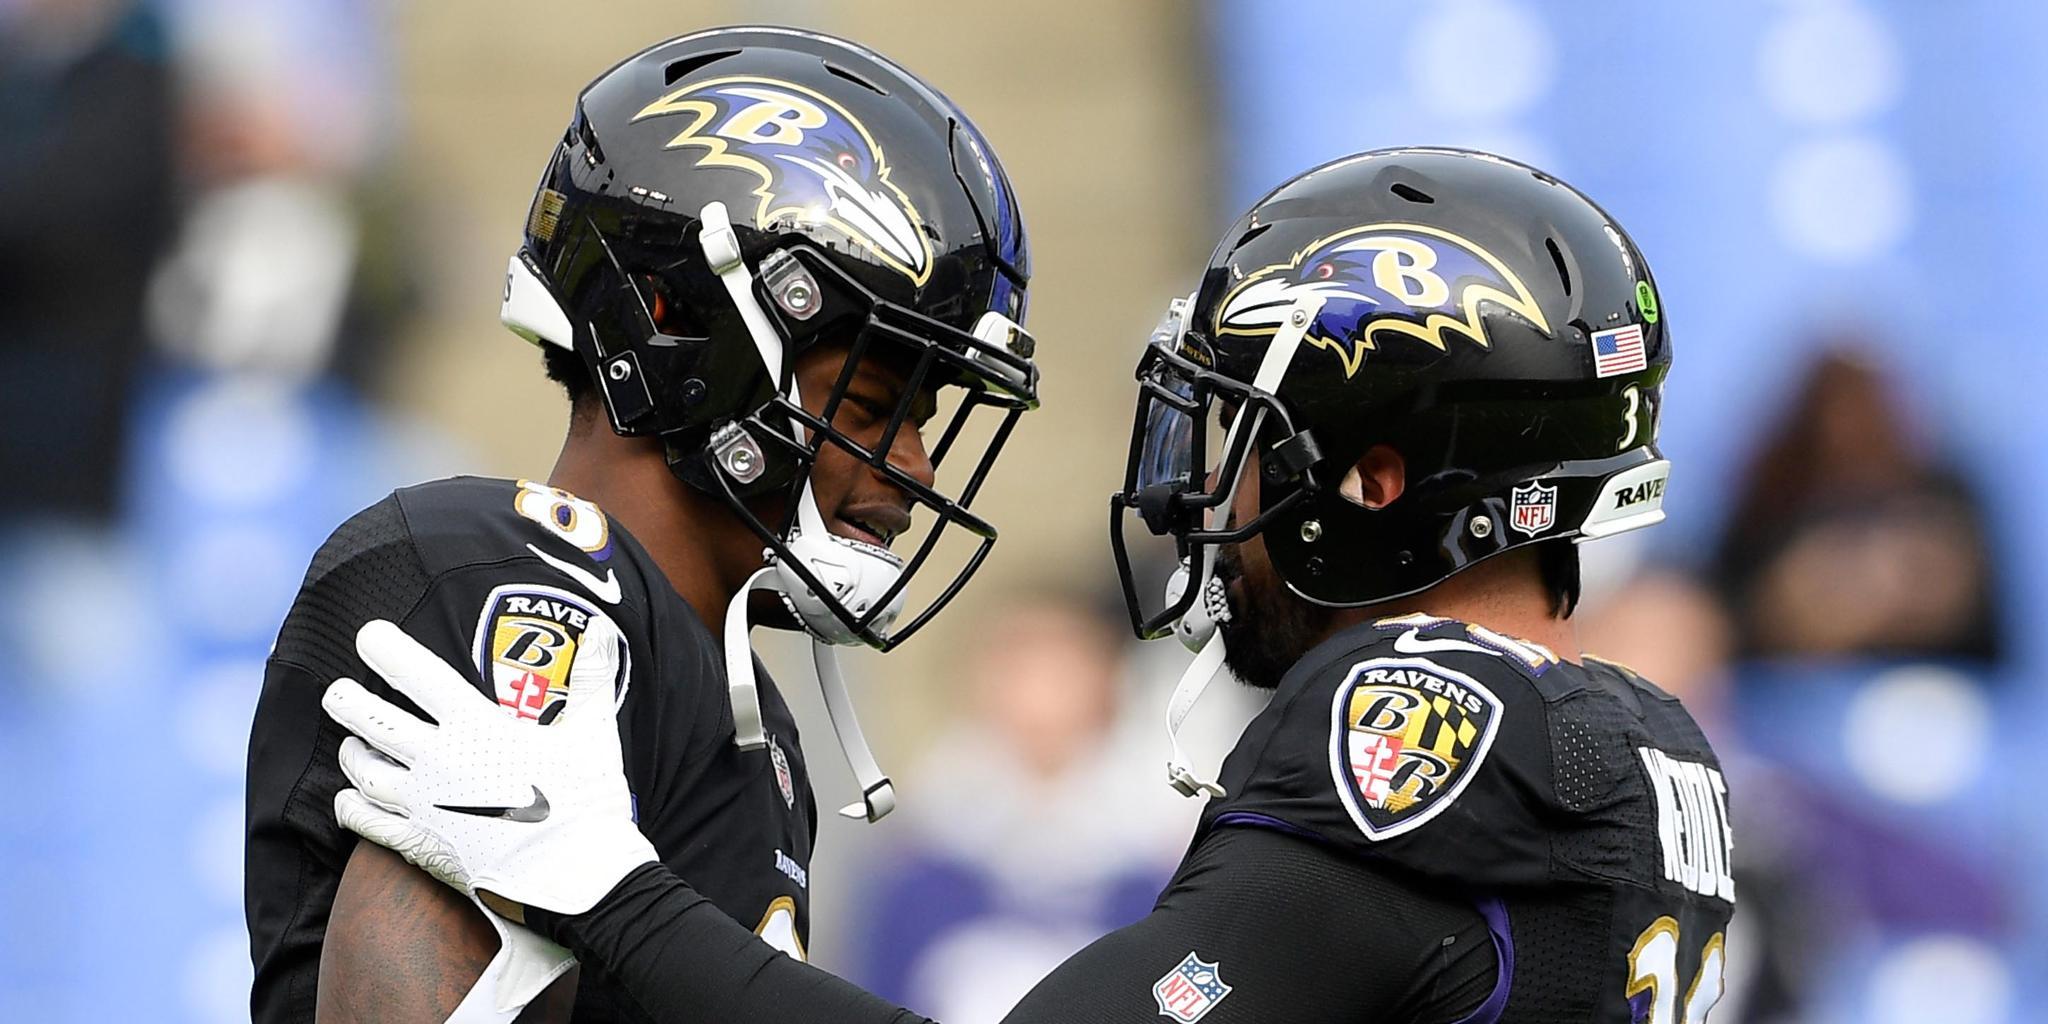 'He'll come back 10 times better.' https://t.co/dEJMKsQRsc #RavensFlock https://t.co/K7nutDxiIR